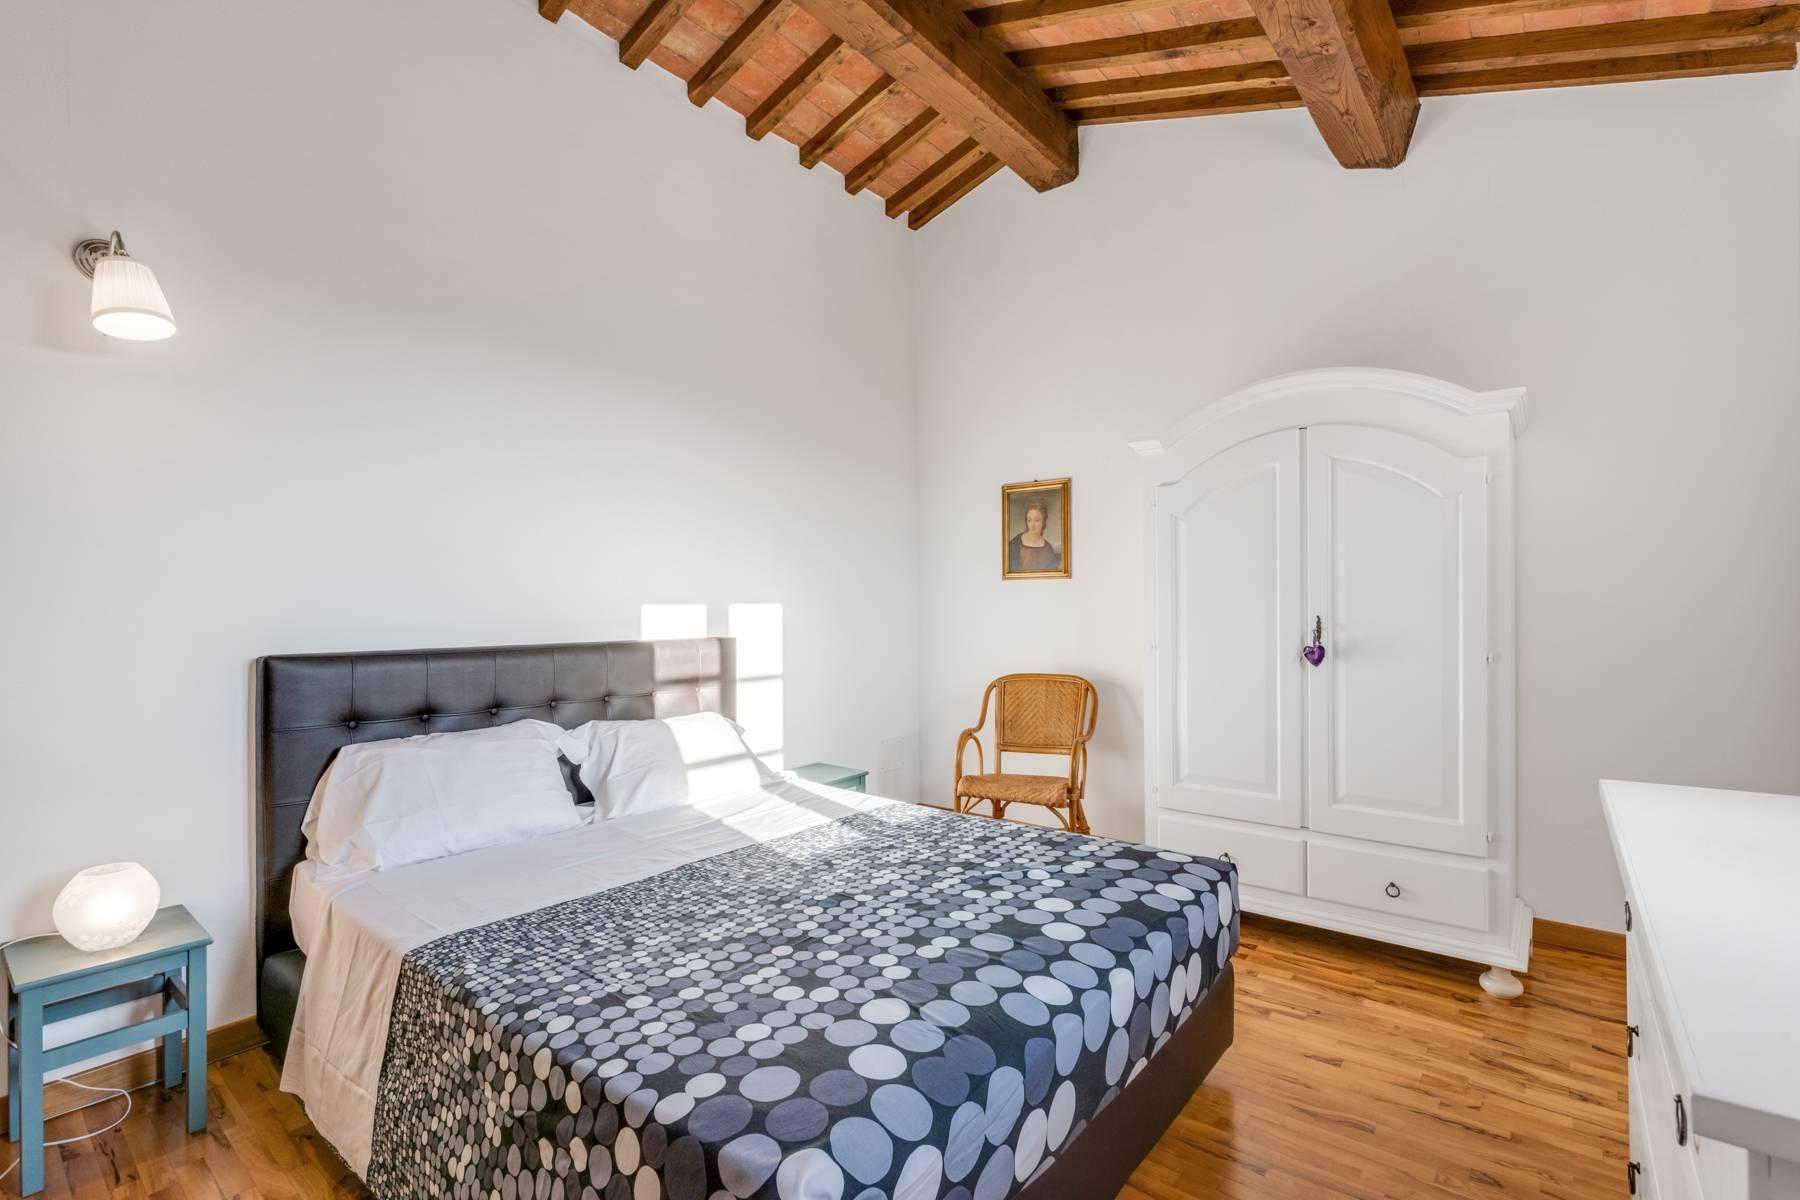 Rustico in Vendita a Monsummano Terme: 5 locali, 380 mq - Foto 19